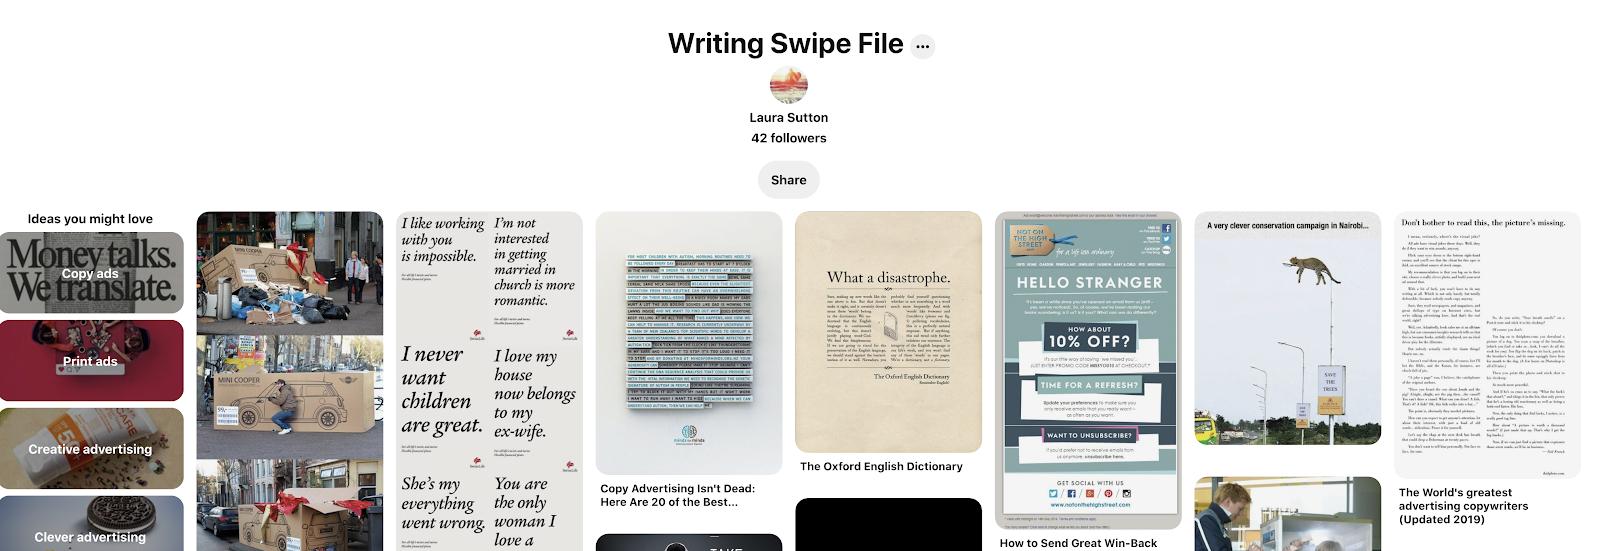 writing swipe file